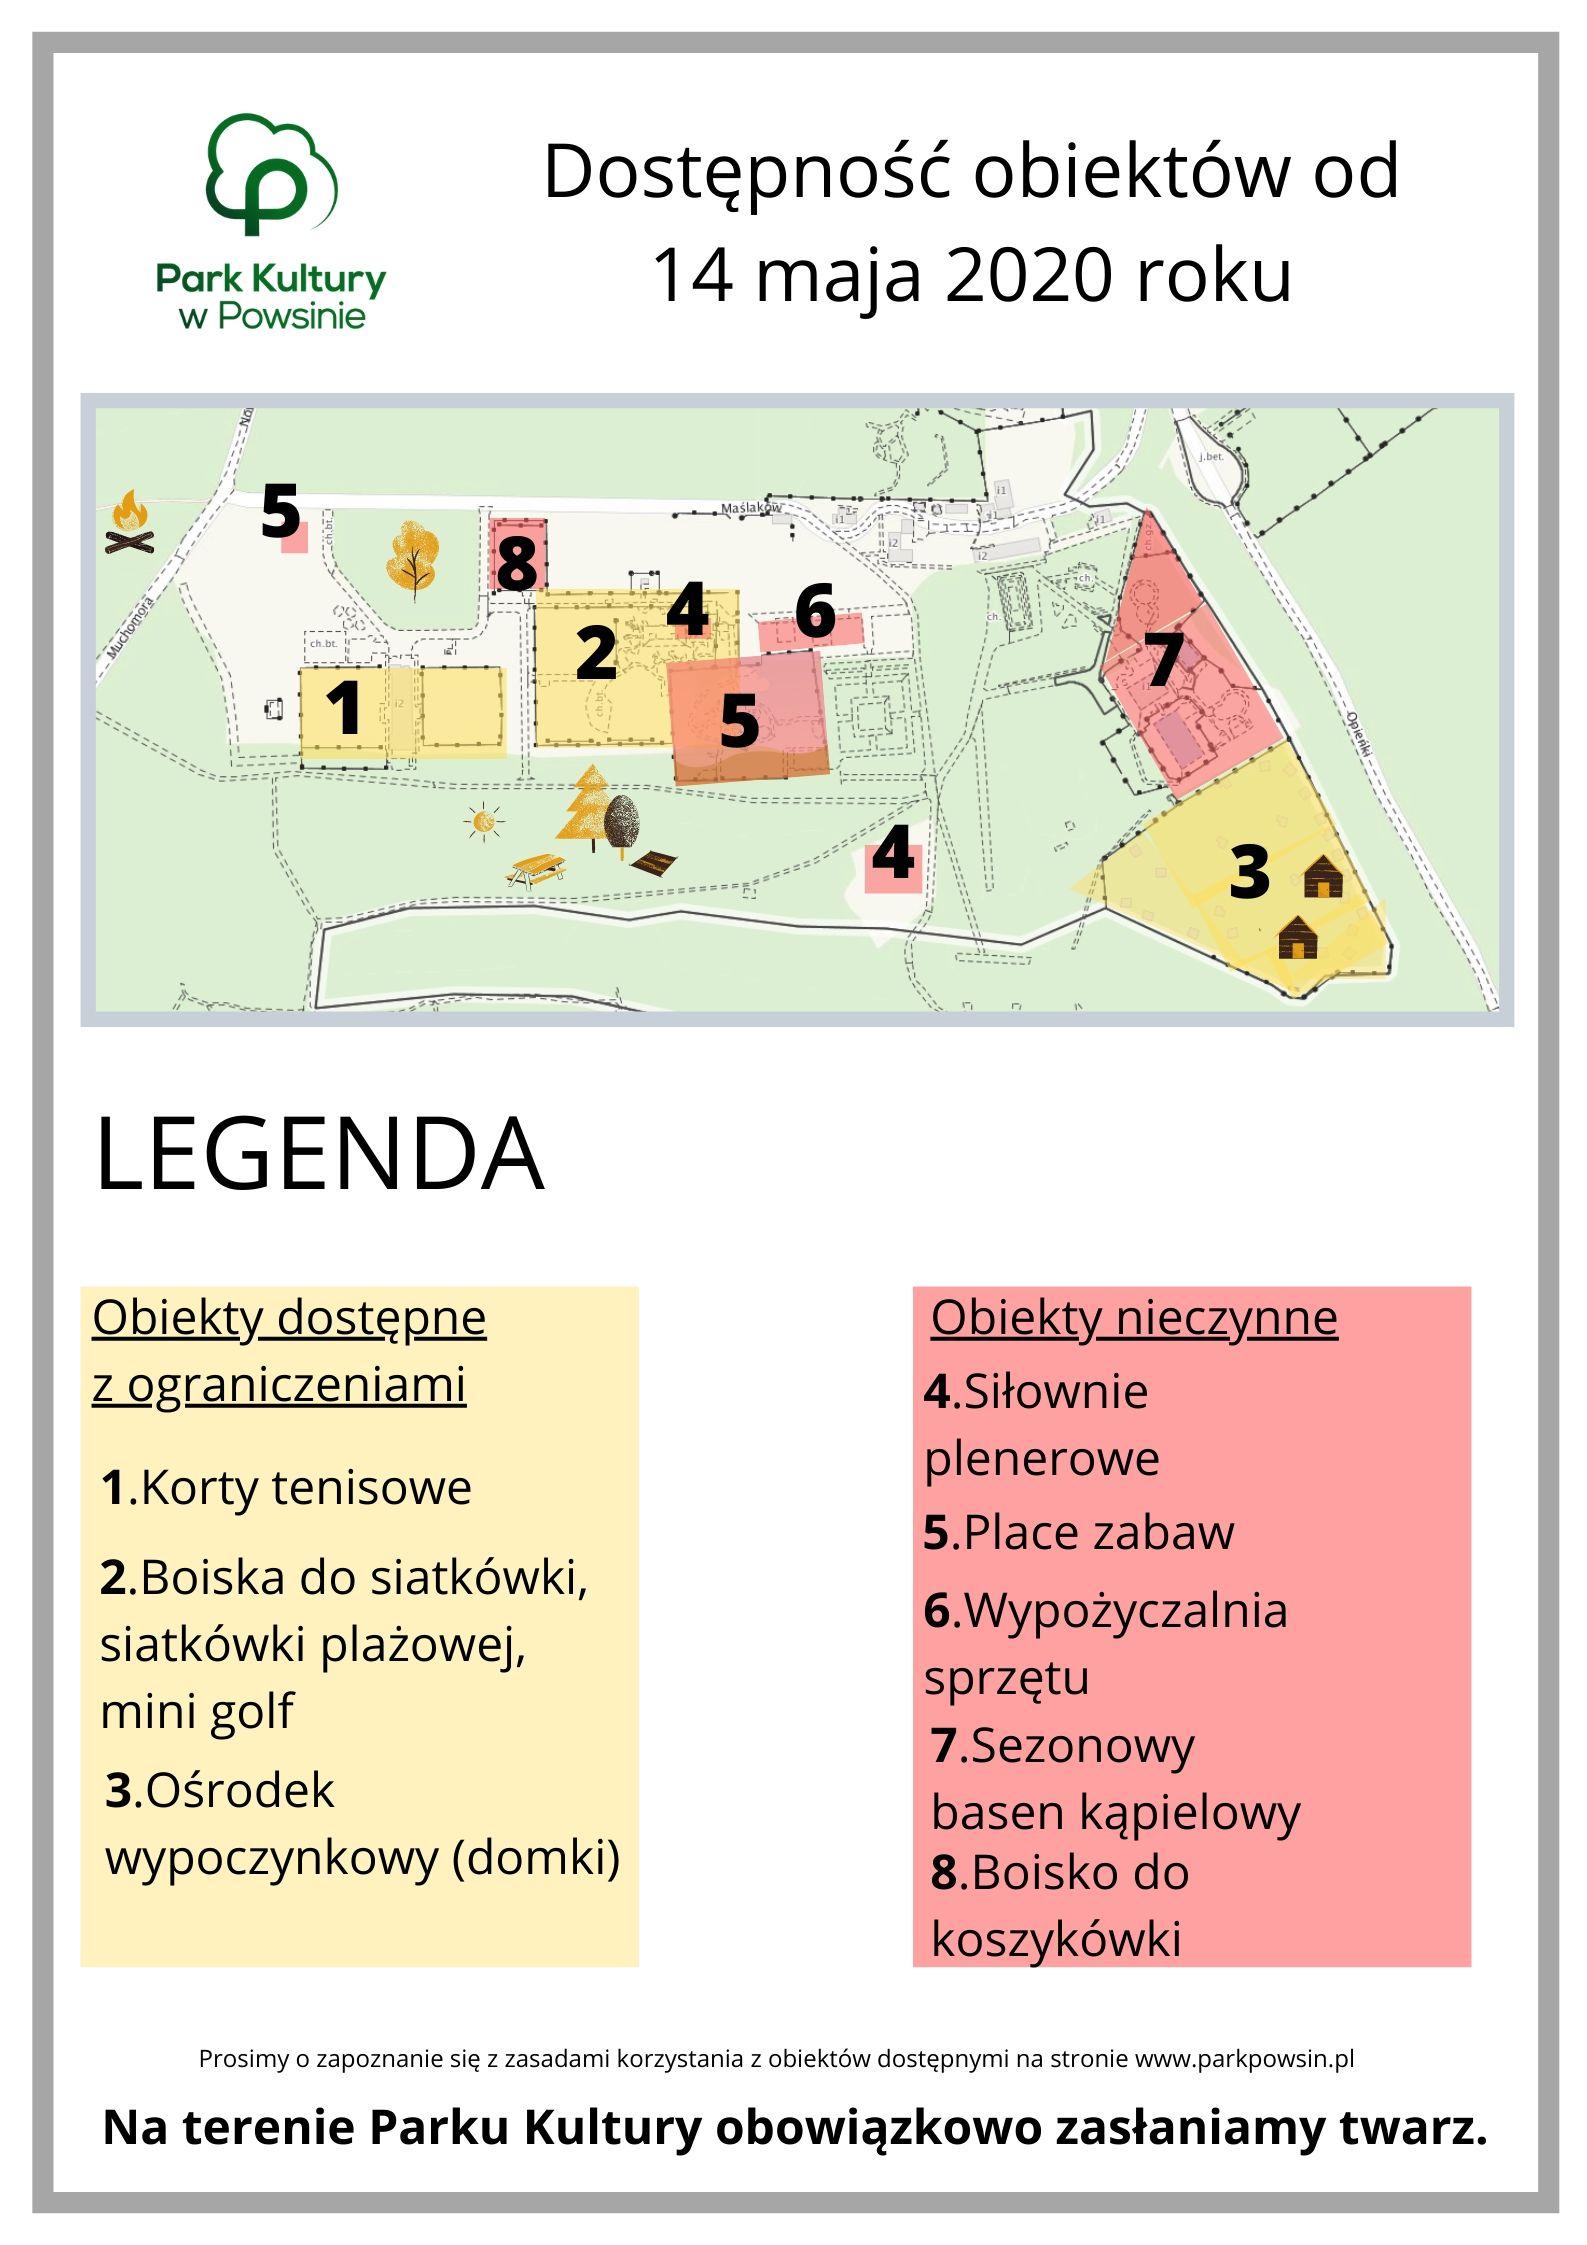 schemat ilustrujący dostępność obiektów sportowych na terenie Parku Kultury w Powsinie otwarte korty tenisowe, boiska do siatkówki plażowej, domki turystyczne oraz zamknięte siłownie plenerowe i plac zabaw